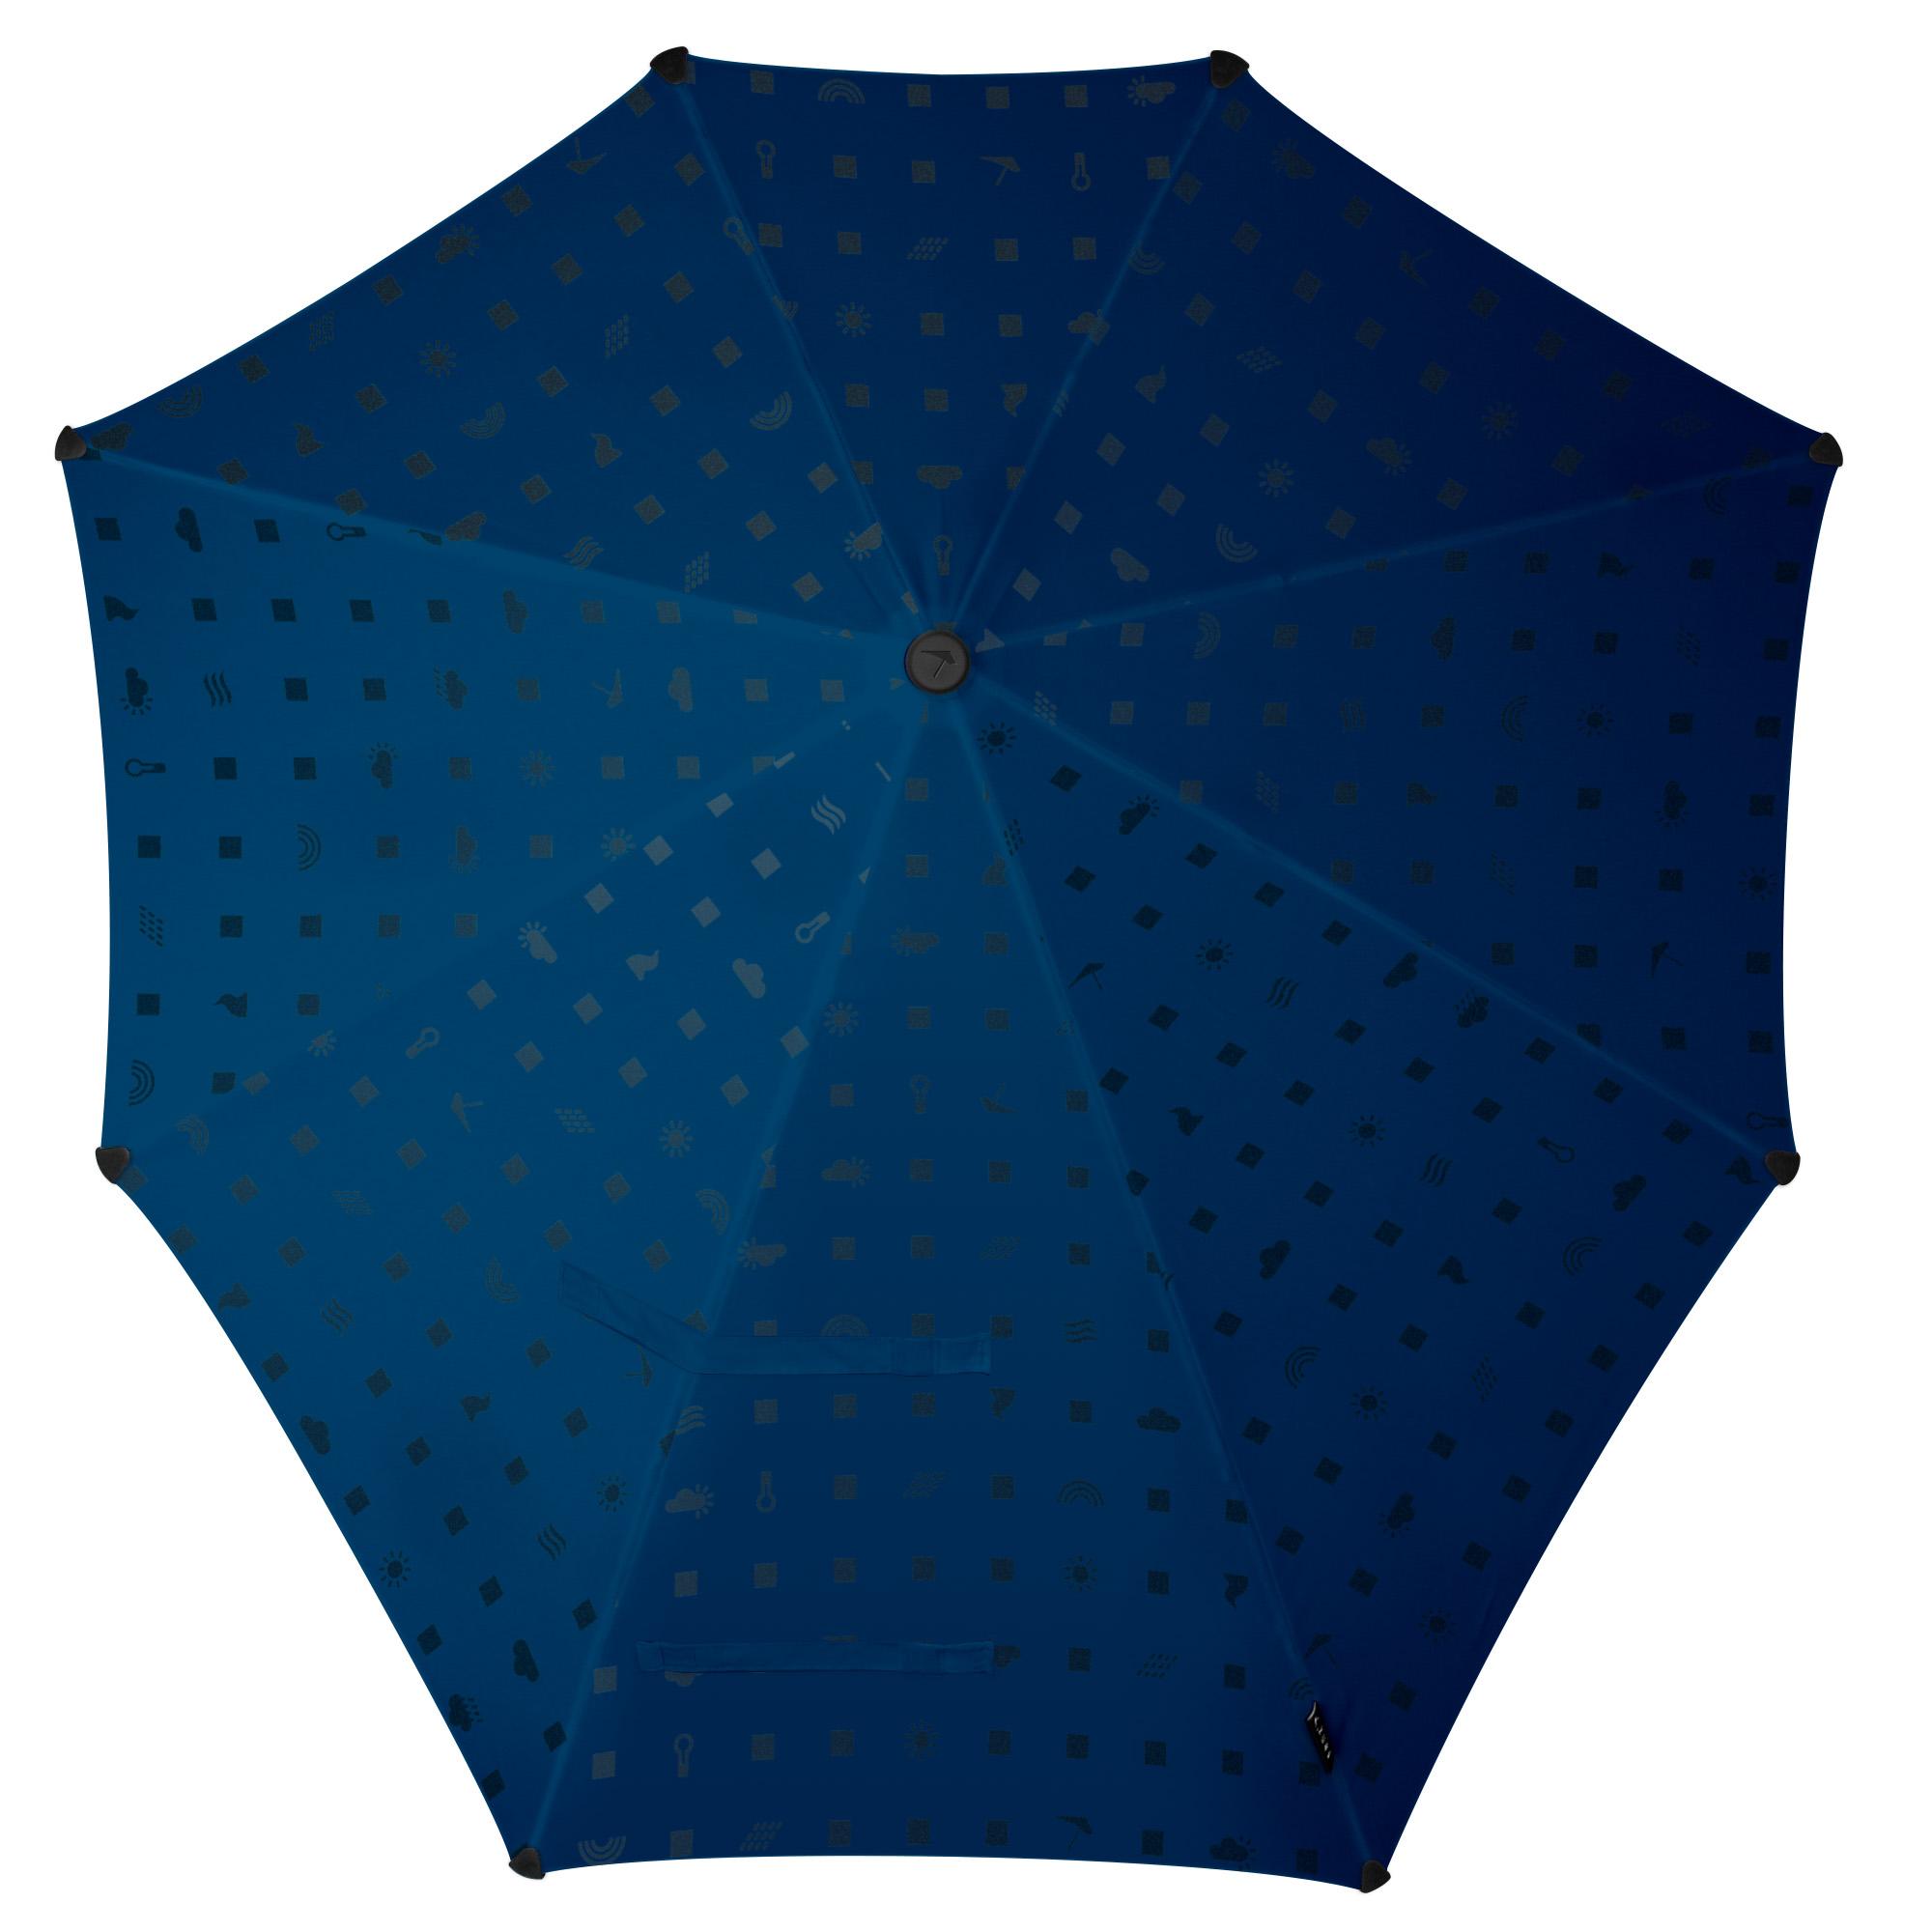 Зонт-трость Senz, цвет: темно-синий. 2011062REM12-GREYЗонт-трость Senz - инновационный противоштормовый зонт, выдерживающий любую непогоду. Форма купола продумана так, что вы легко найдете самое удобное положение на ветру - без паники и без борьбы со стихией. Закрывает спину от дождя. Благодаря своей усовершенствованной конструкции, зонт не выворачивается наизнанку даже при сильном ветре. Модель Senz Original выдержала испытания в аэротрубе со скоростью ветра 100 км/ч.Характеристики: тип - трость, выдерживает порывы ветра до 100 км/ч, УФ-защита 50+, удобная мягкая ручка, безопасные колпачки на кончиках спиц, в комплекте прочный чехол из плотной ткани с лямкой на плечо, гарантия 2 года.